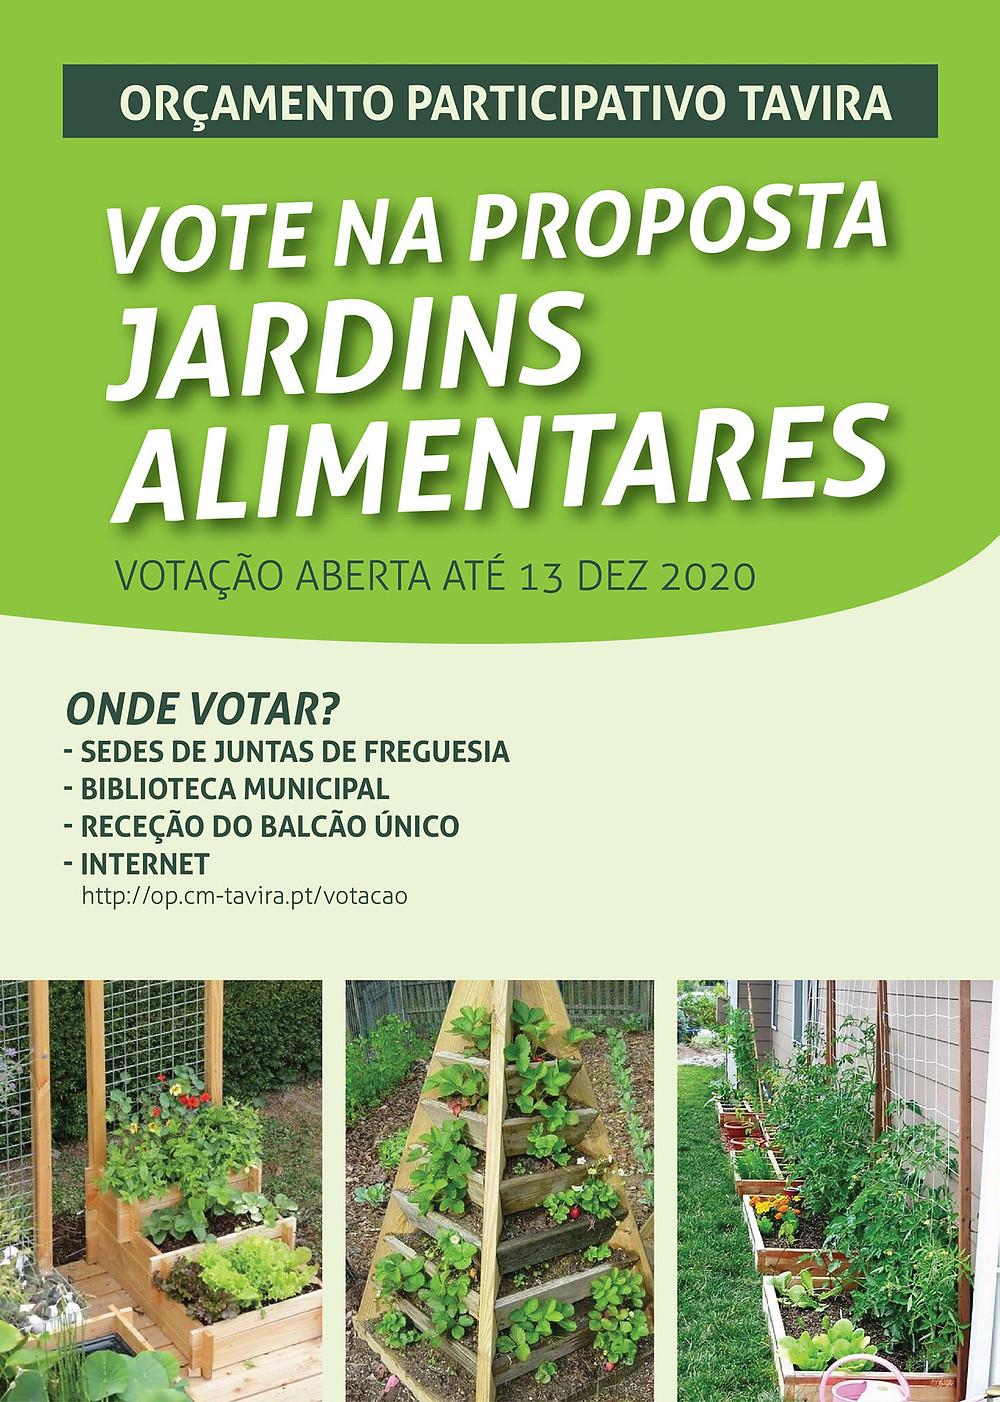 agricultura, hortas urbanas, jardins alimentares, alimentação, dieta mediterrânica, sustentabilidade